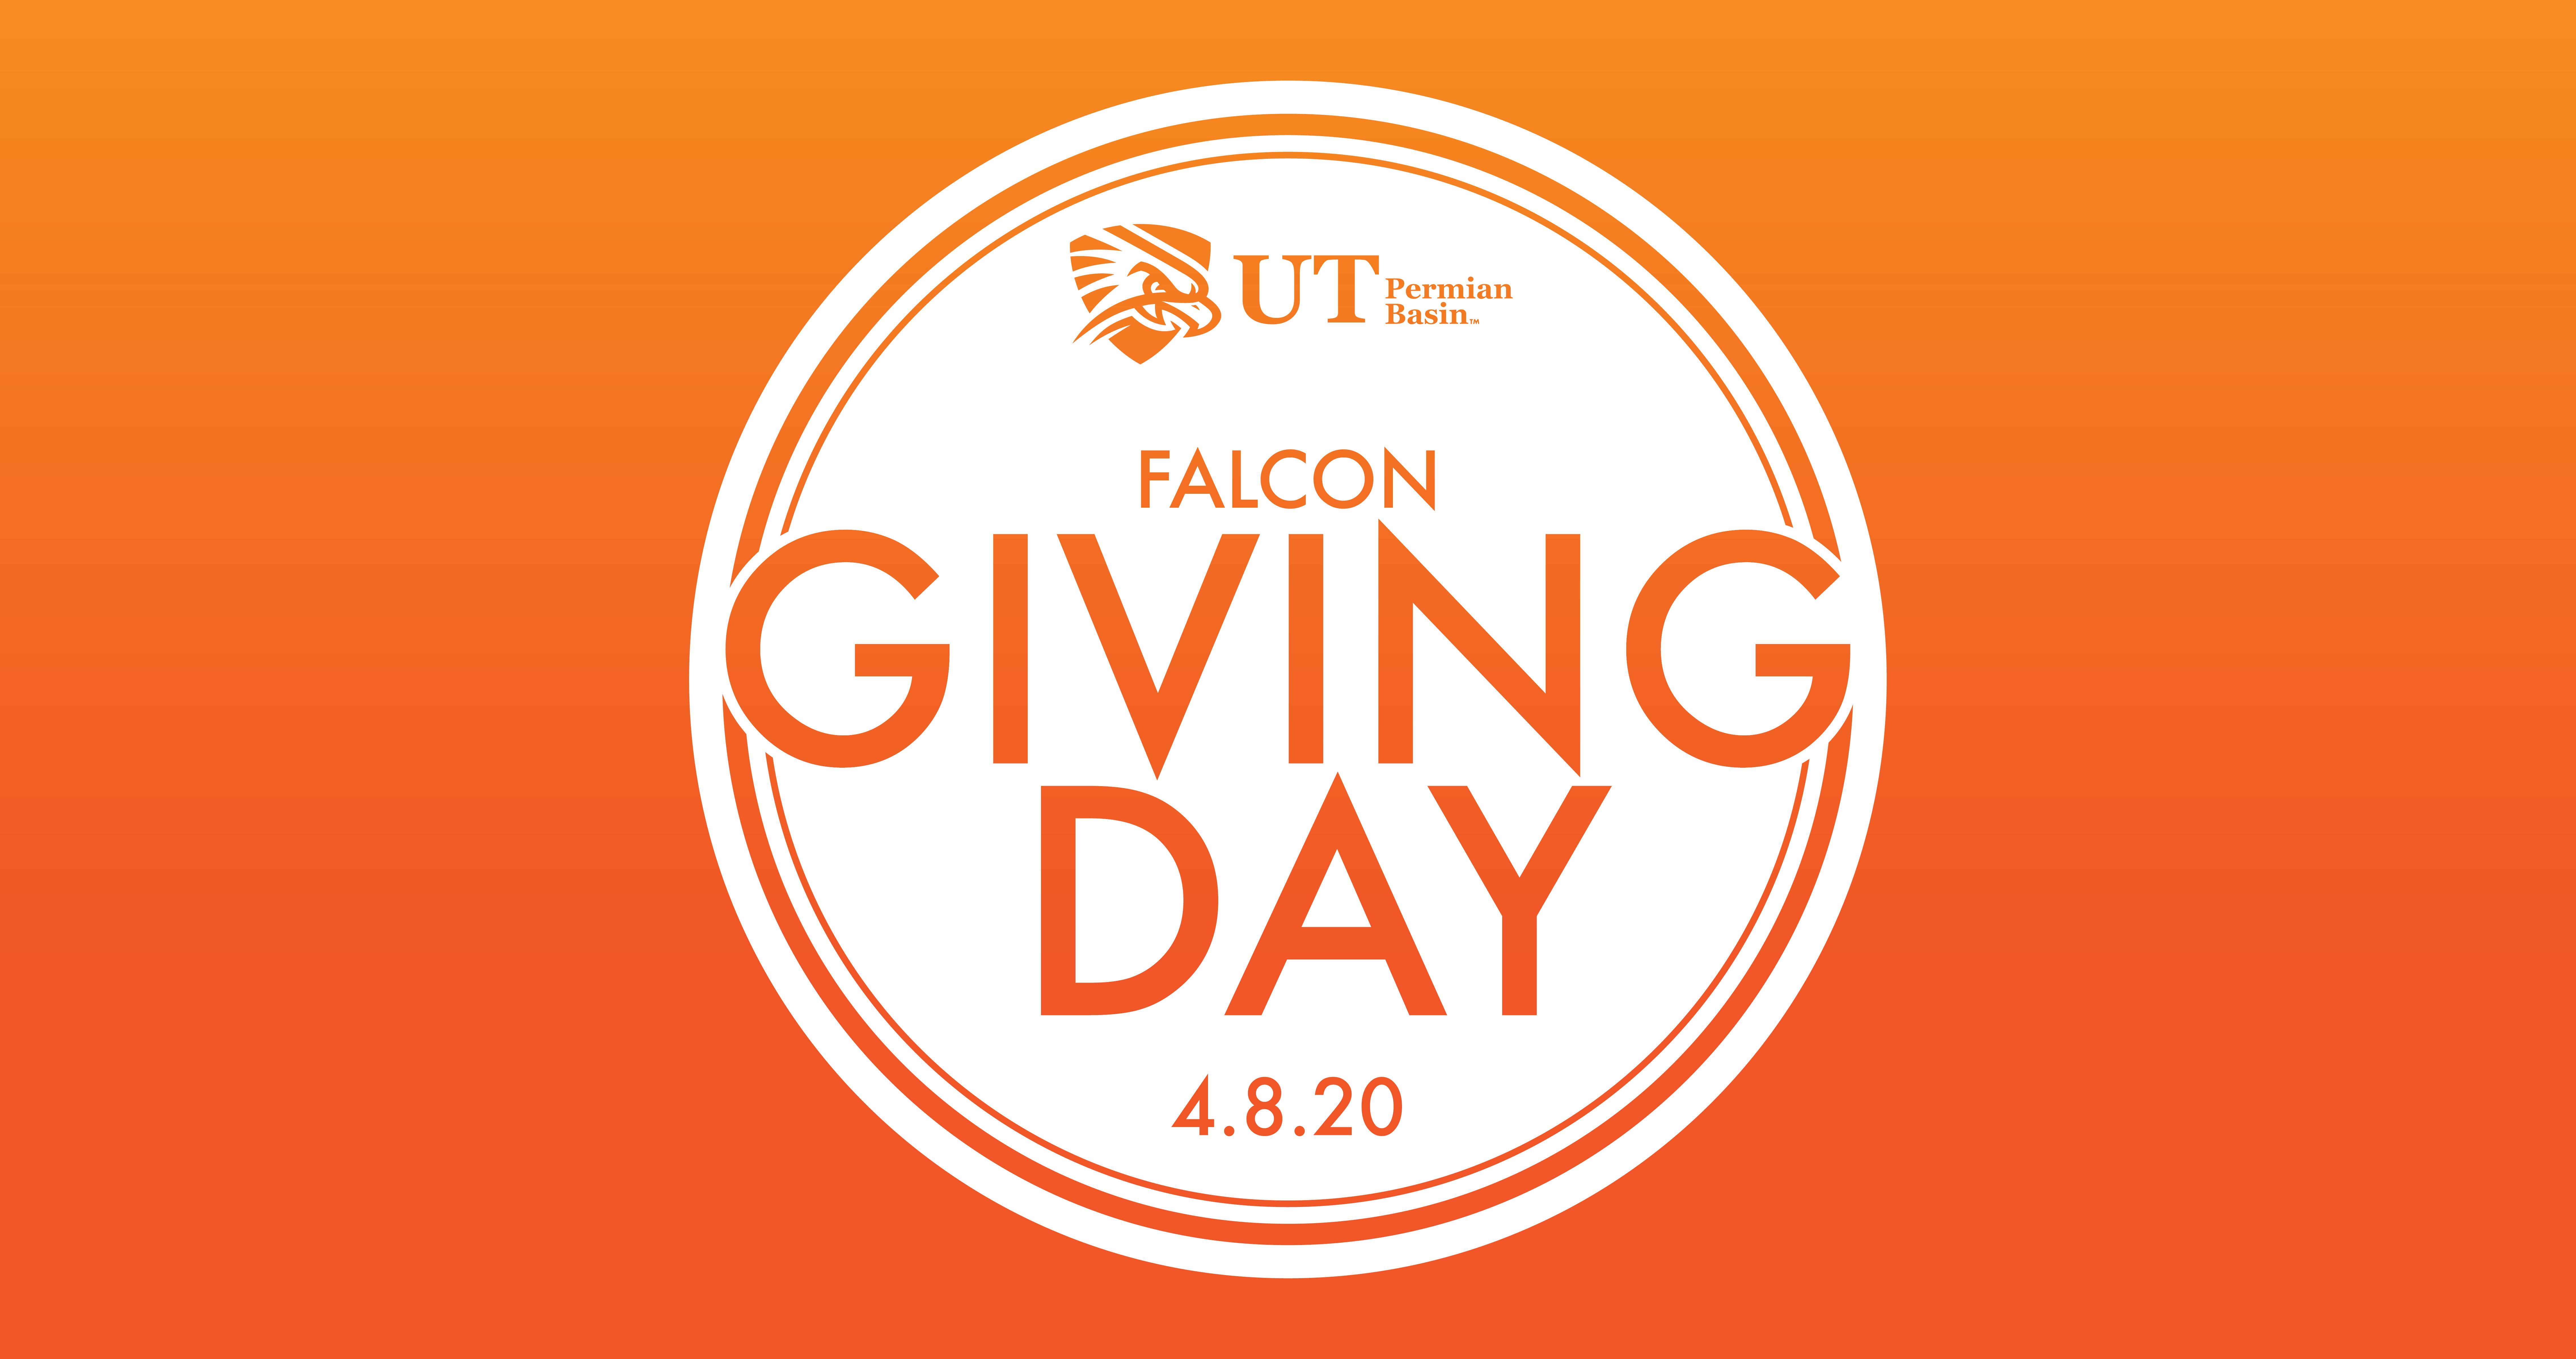 Logo del día de donaciones